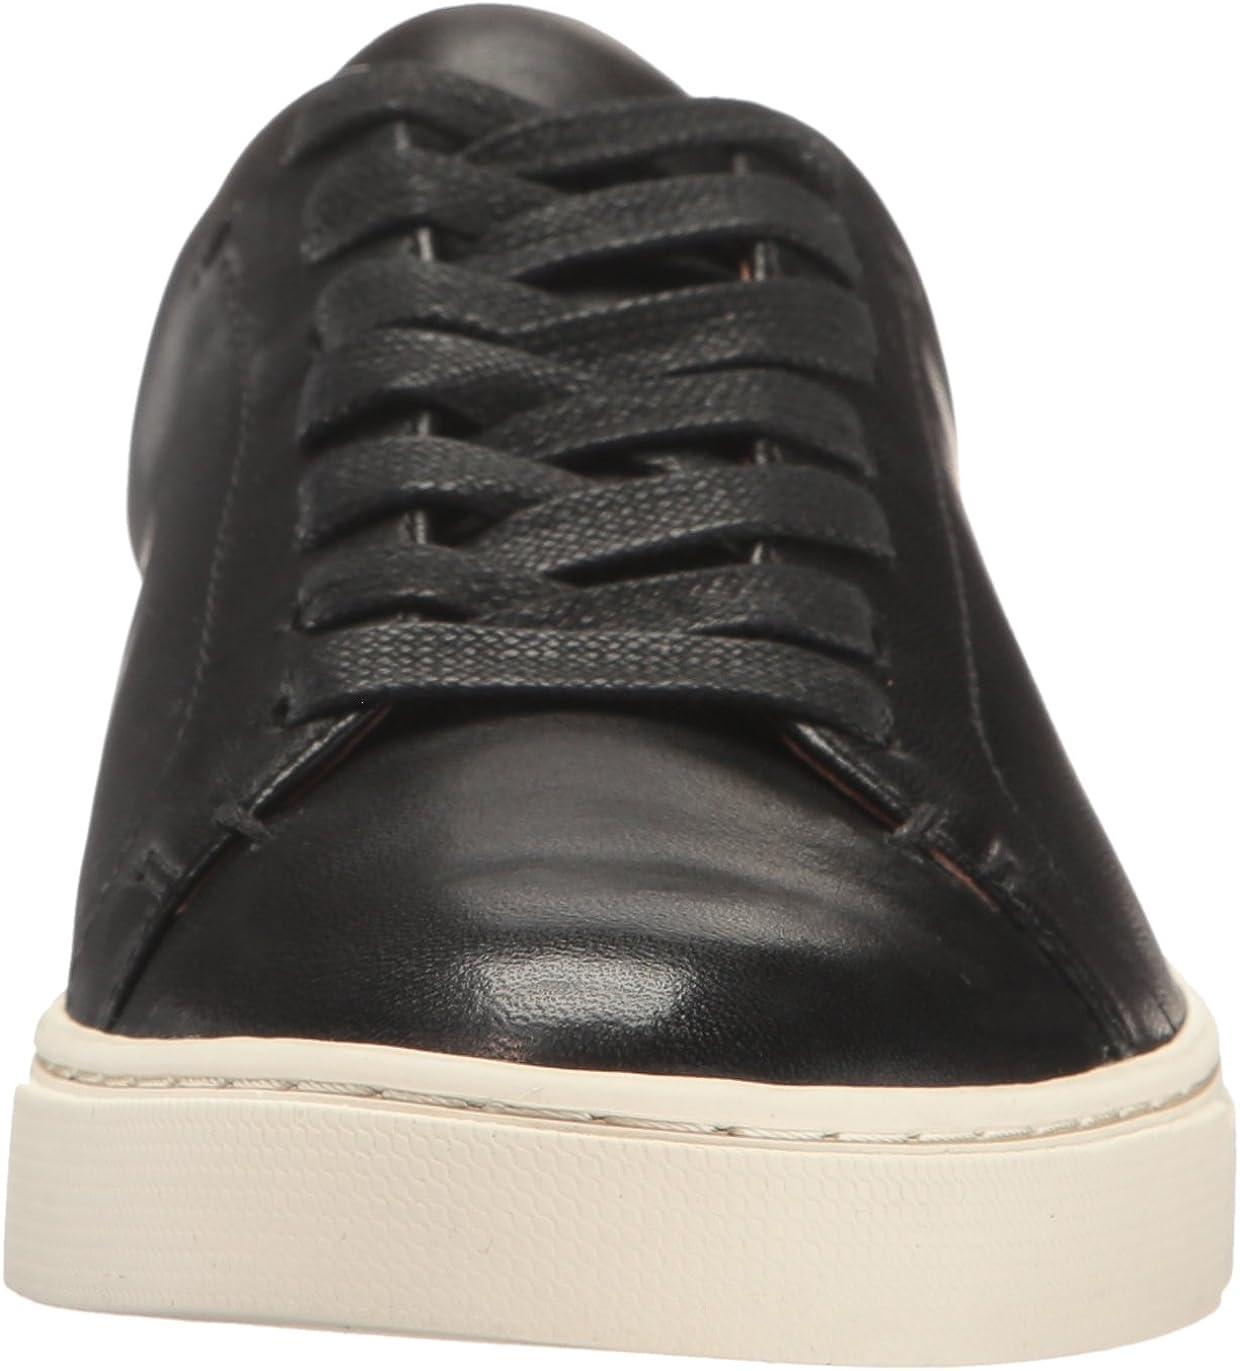 FRYE Women's Ivy Low Lace Fashion Sneaker Black Soft Nappa Lamb